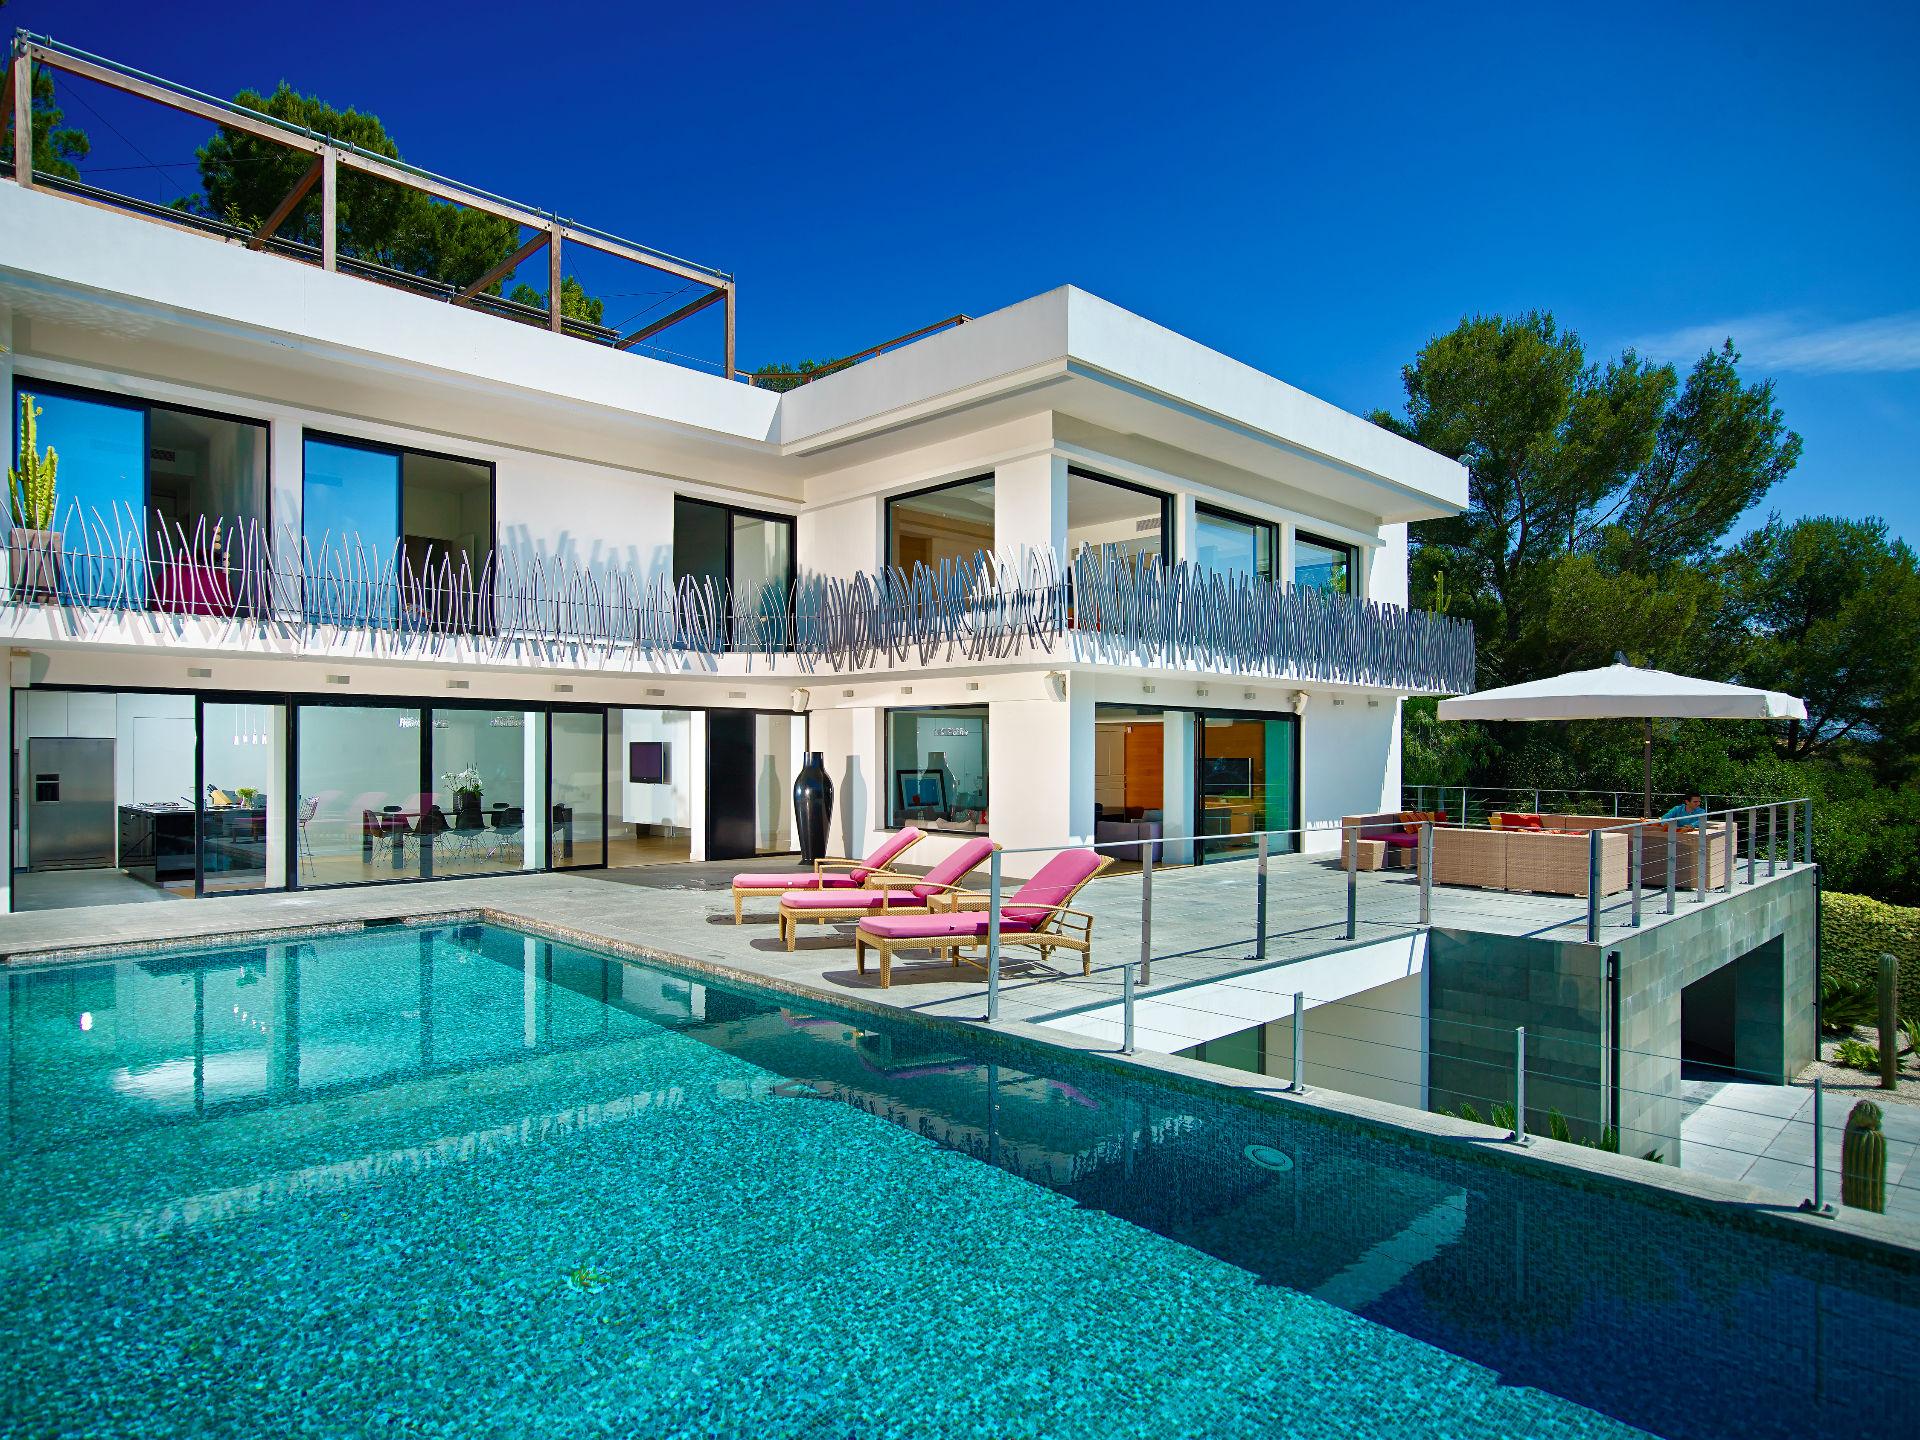 獨棟家庭住宅 為 出售 在 Contemporary villa on the Cap Ferrat Saint Jean Cap Ferrat Saint Jean Cap Ferrat, 普羅旺斯阿爾卑斯藍色海岸, 06230 法國